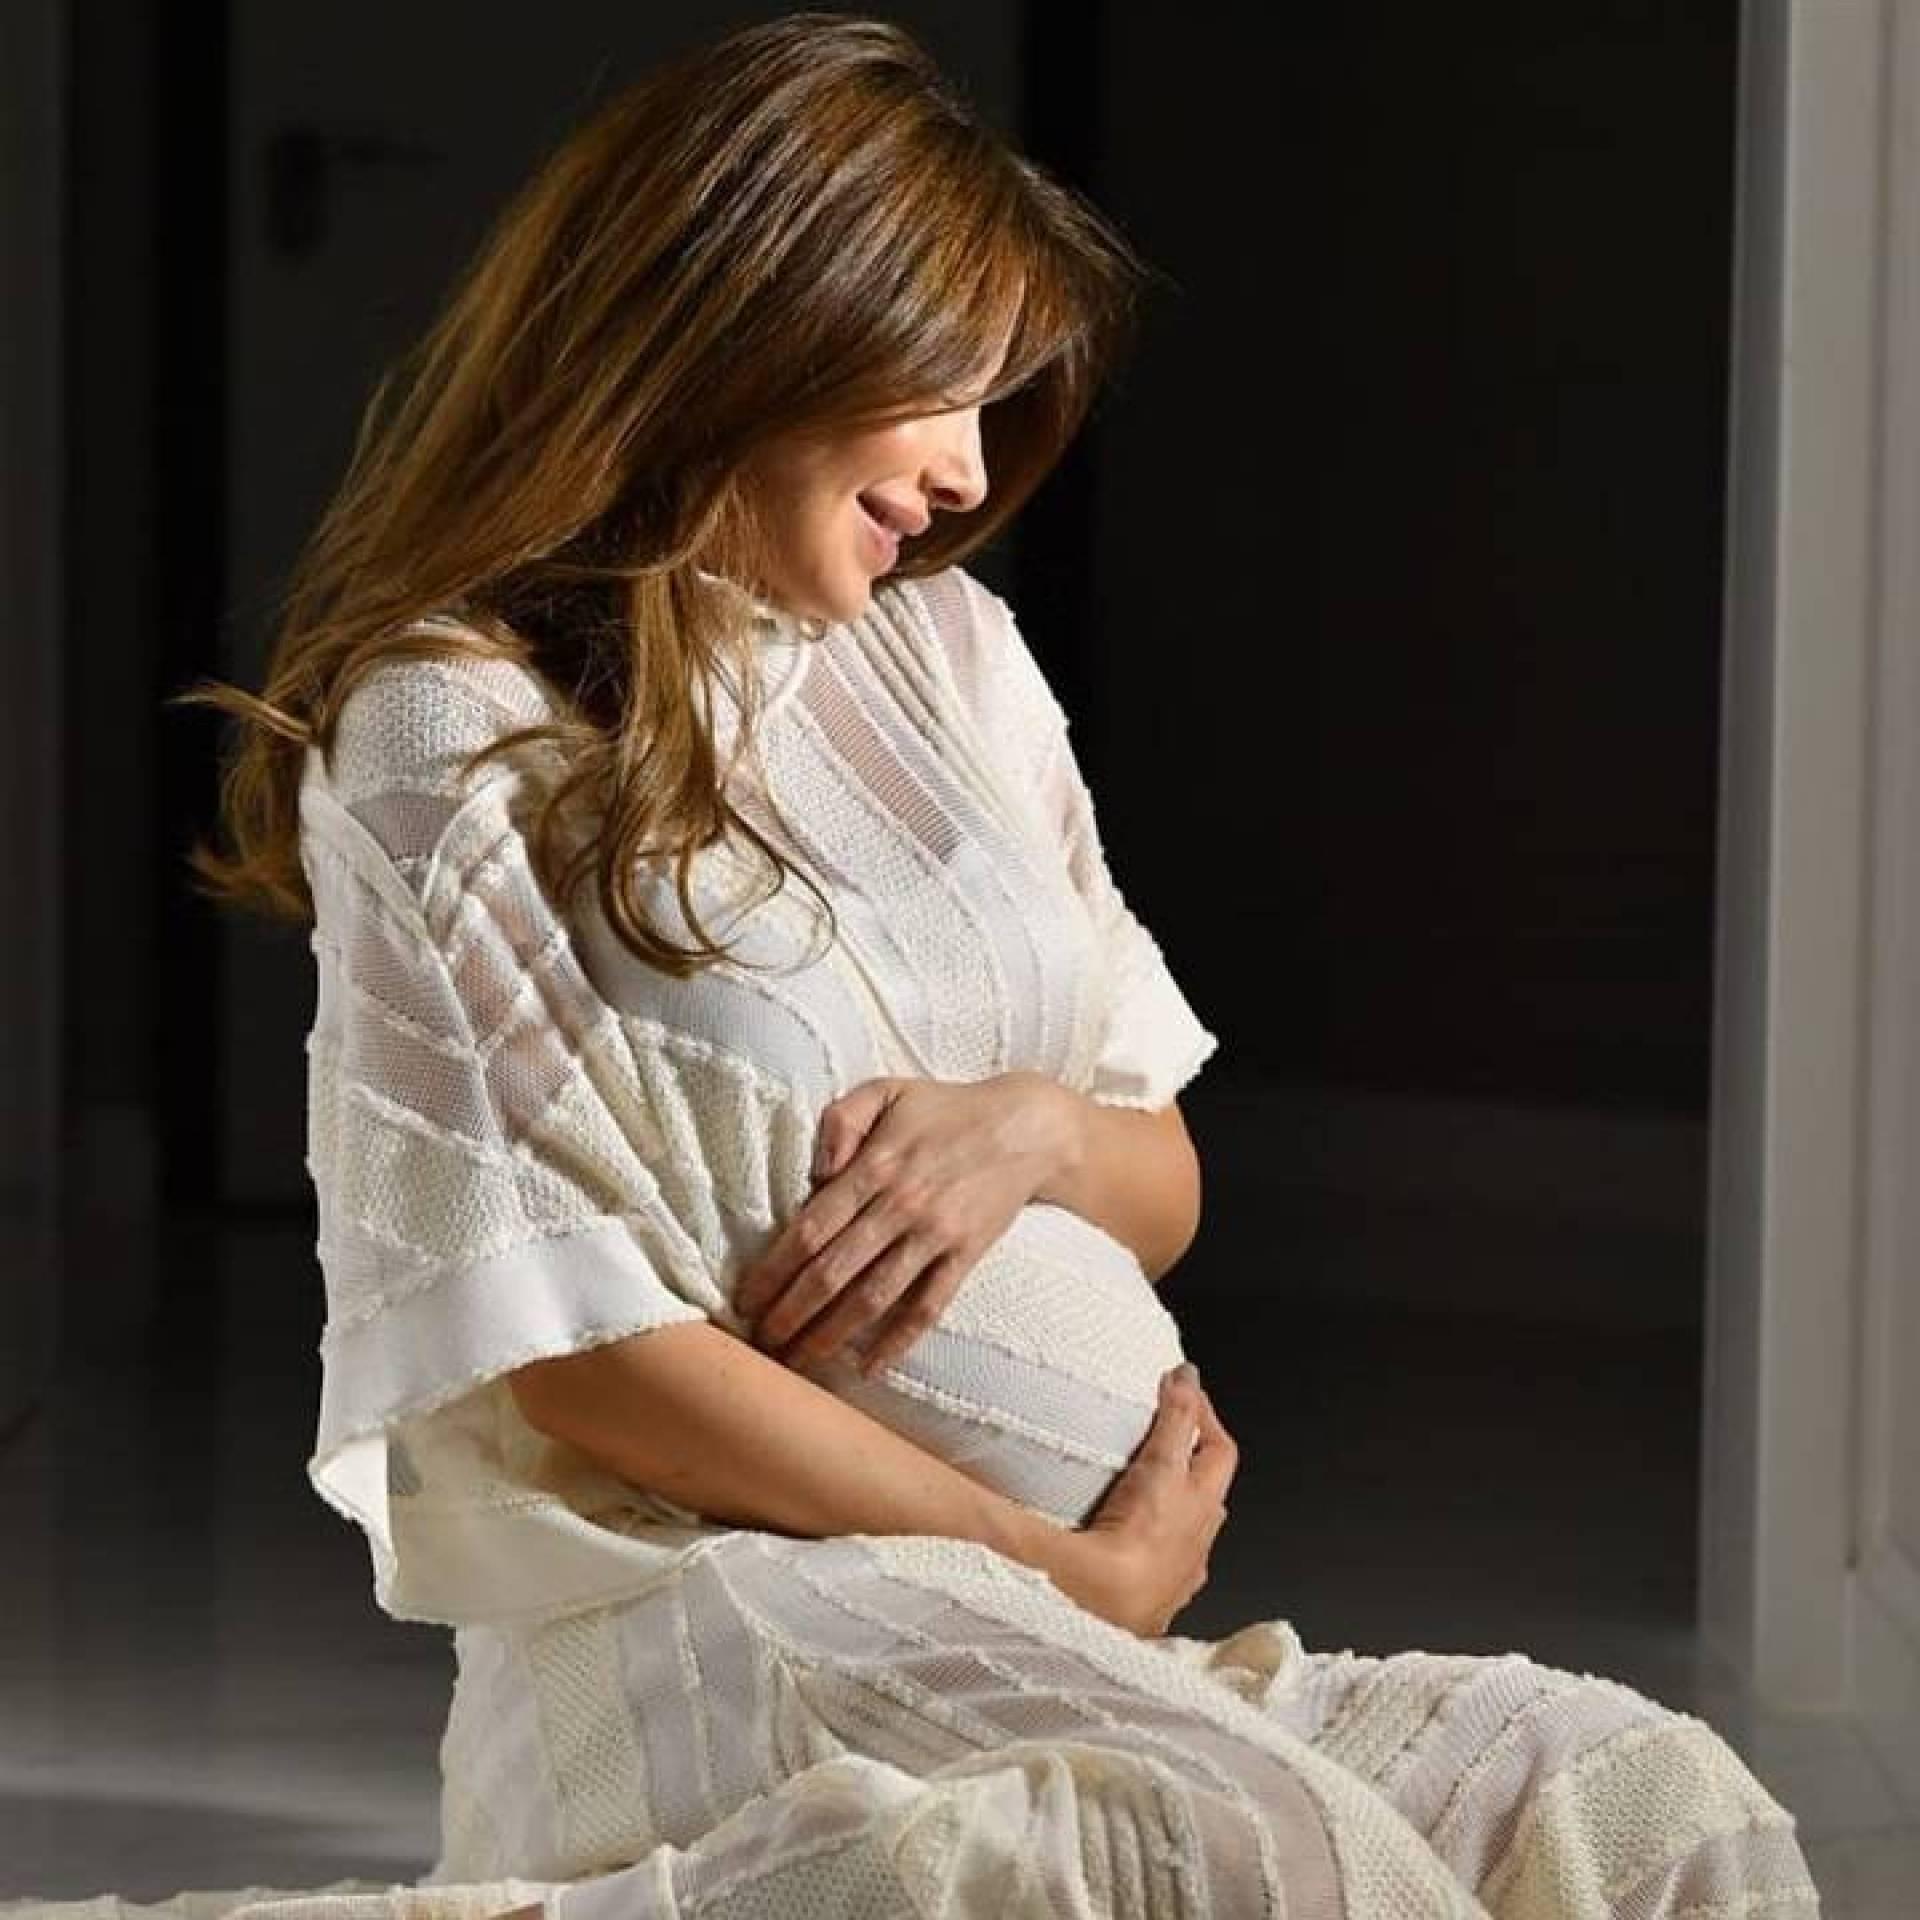 تامر حسني يهنئ نانسي عجرم بمولودتها الجديدة بطريقته الخاصة إليكم